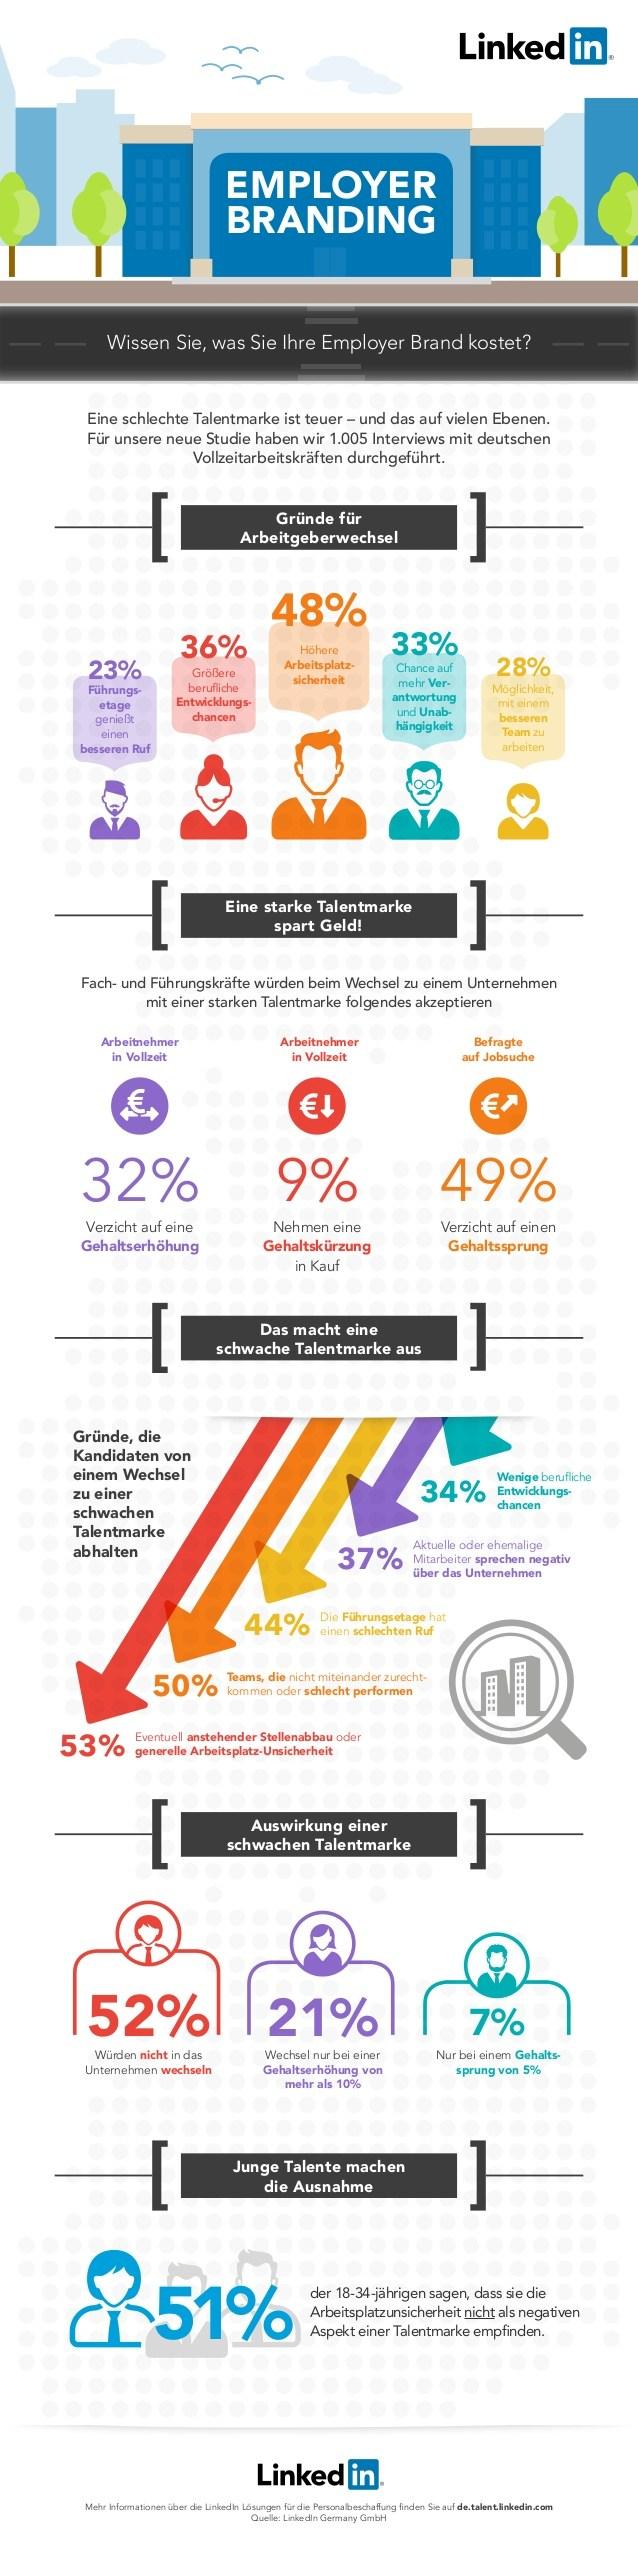 infografik linkedin arbeitgebermarke